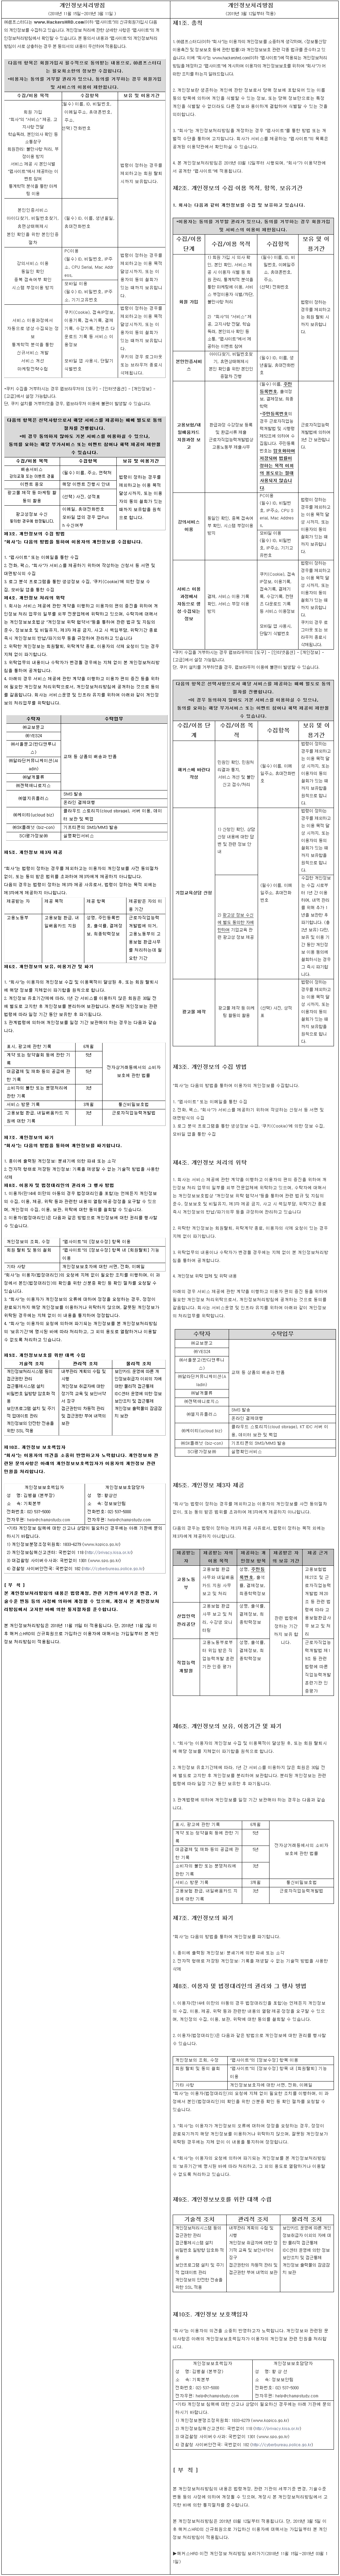 비교표 최종수정.jpg